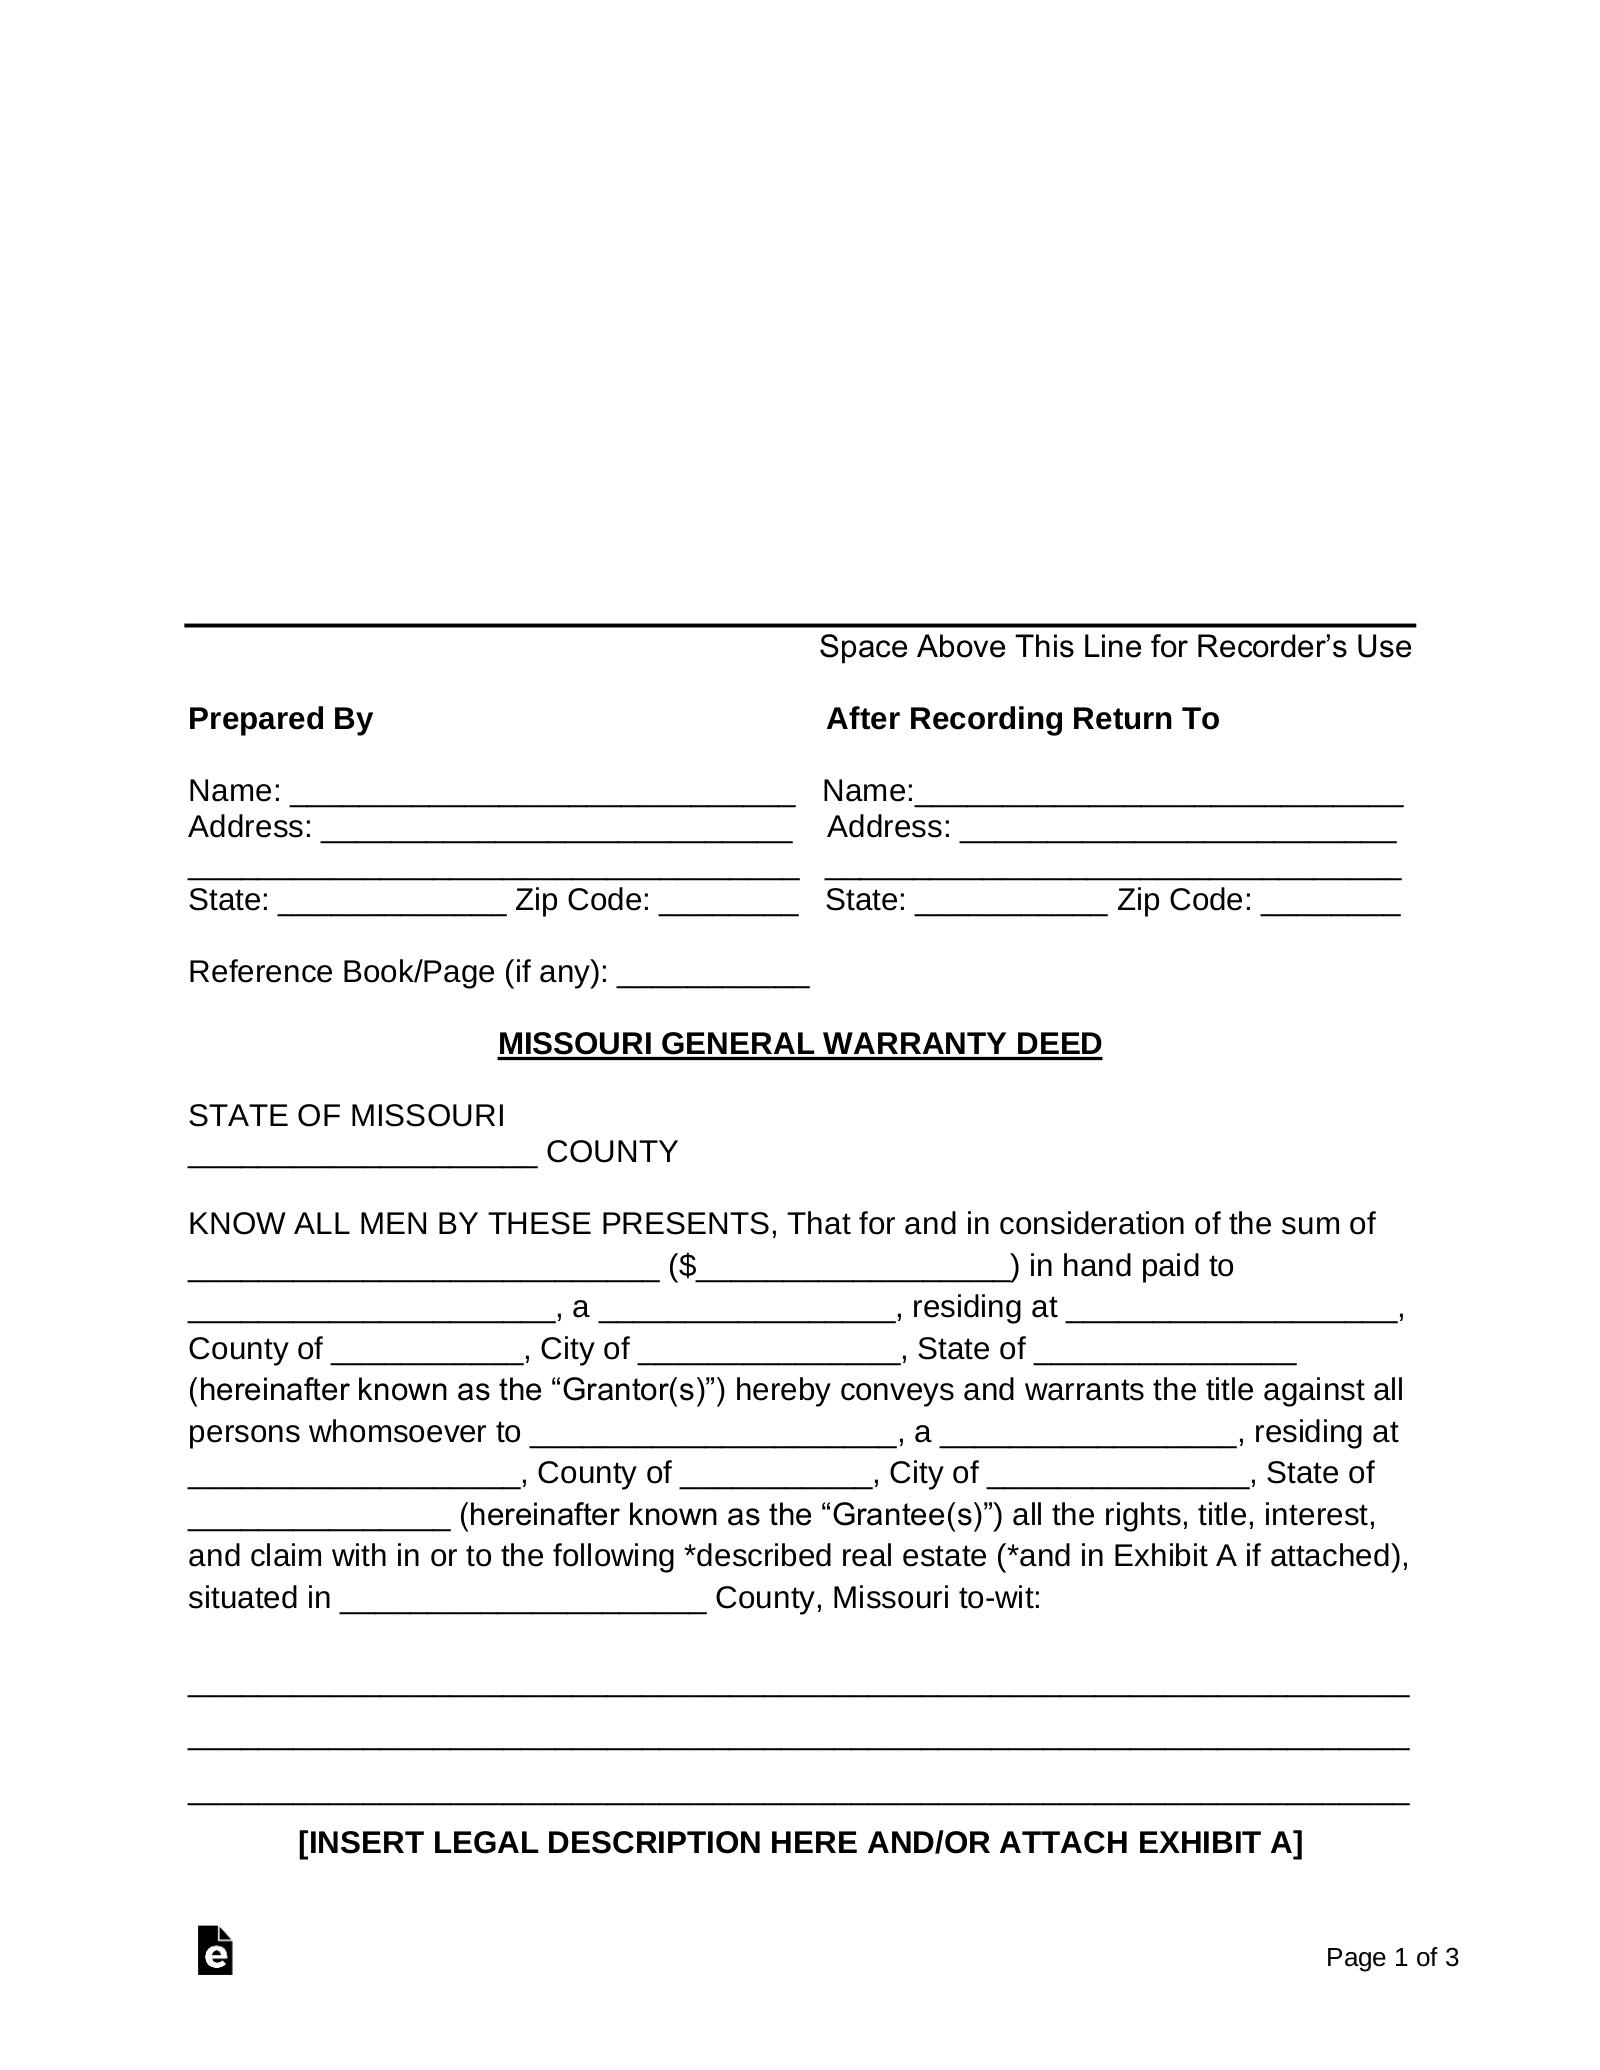 quick claim deed form missouri  Free Missouri General Warranty Deed Form - Word | PDF ...